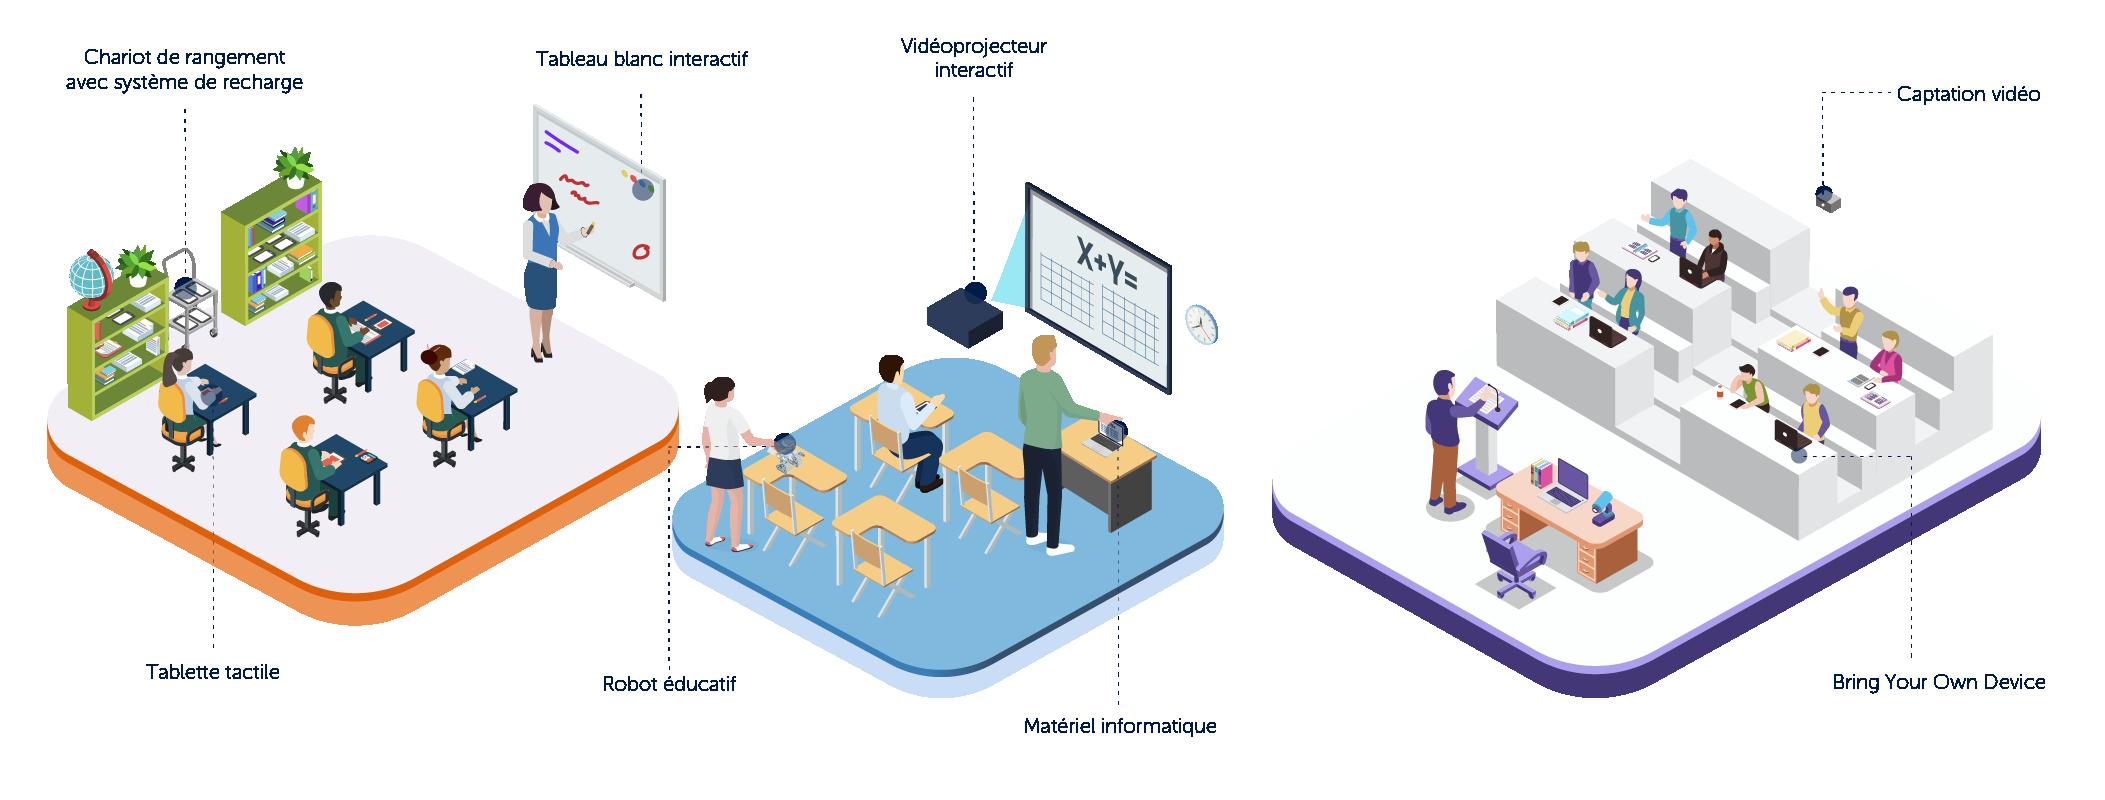 Cité éducative transformation numérique